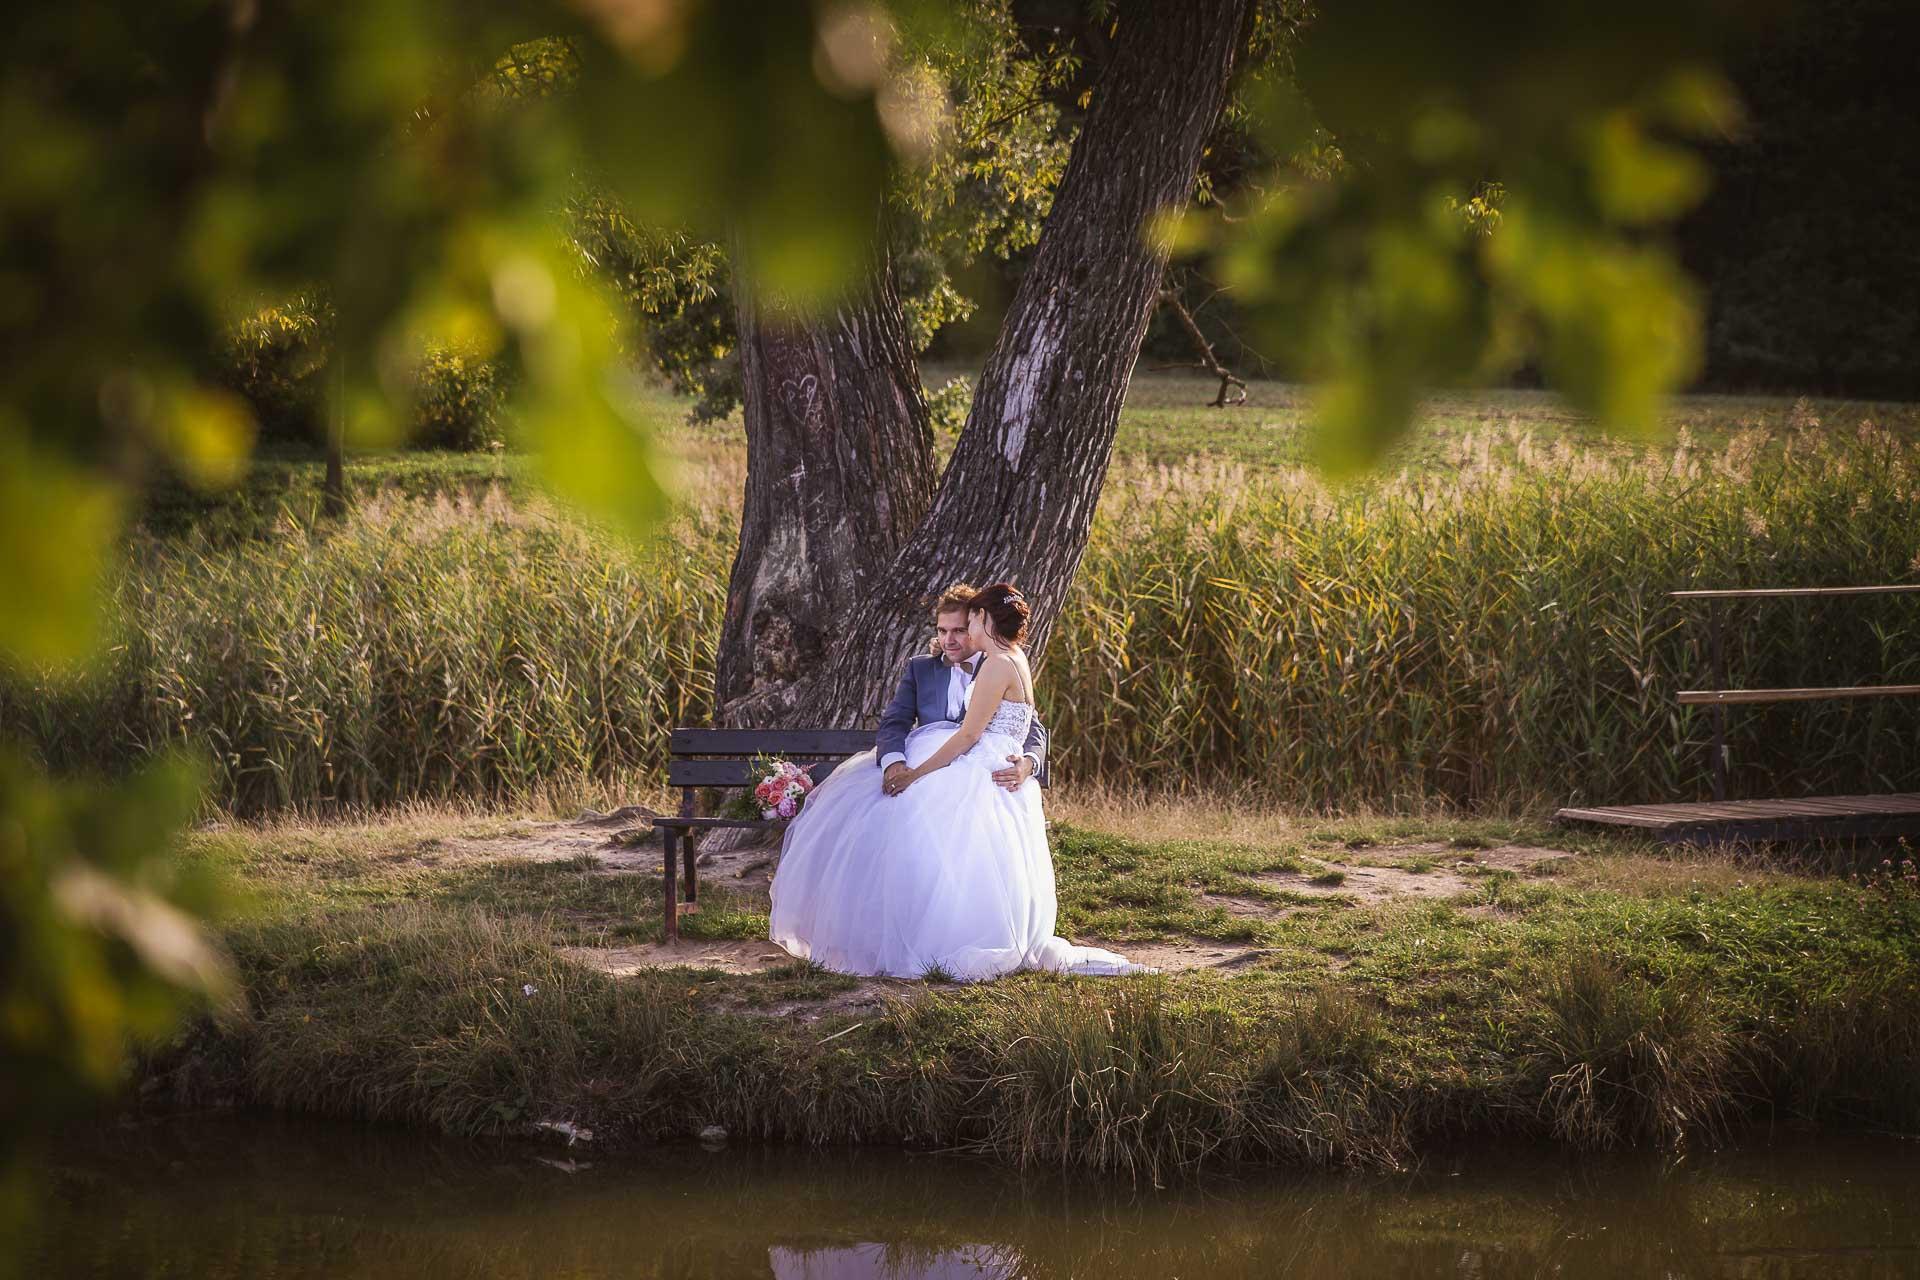 svatební-fotografie-Říp-svatební-video-ŘÍP-svatební-fotograf-ŘÍP-svatba-Mělník-svatba-Neratovice-fotograf-na-savtbu-kameraman-na-svatbu-388